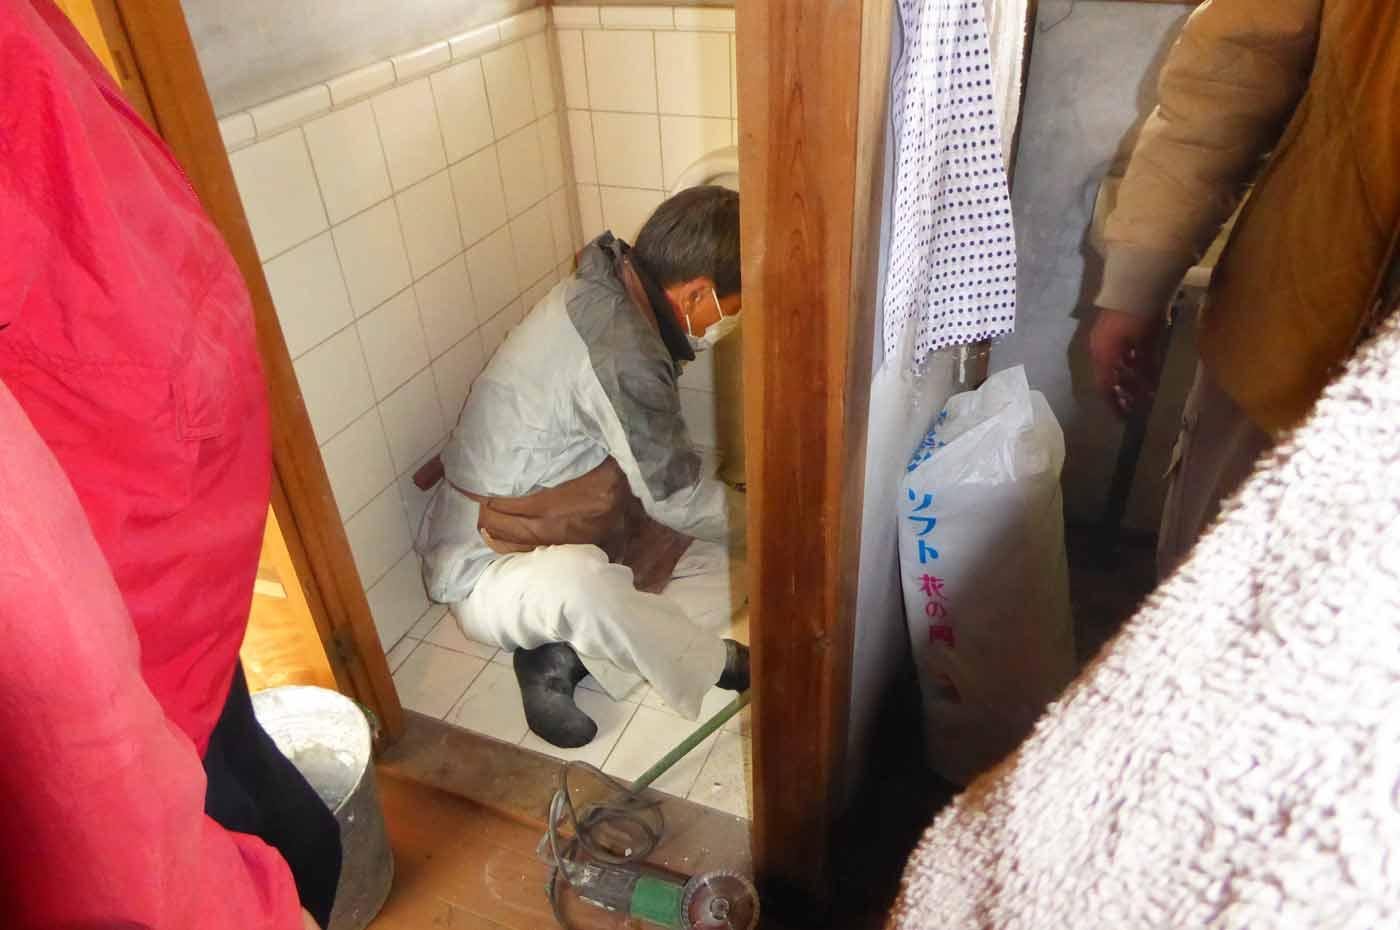 古民家再生 トイレ修復の様子